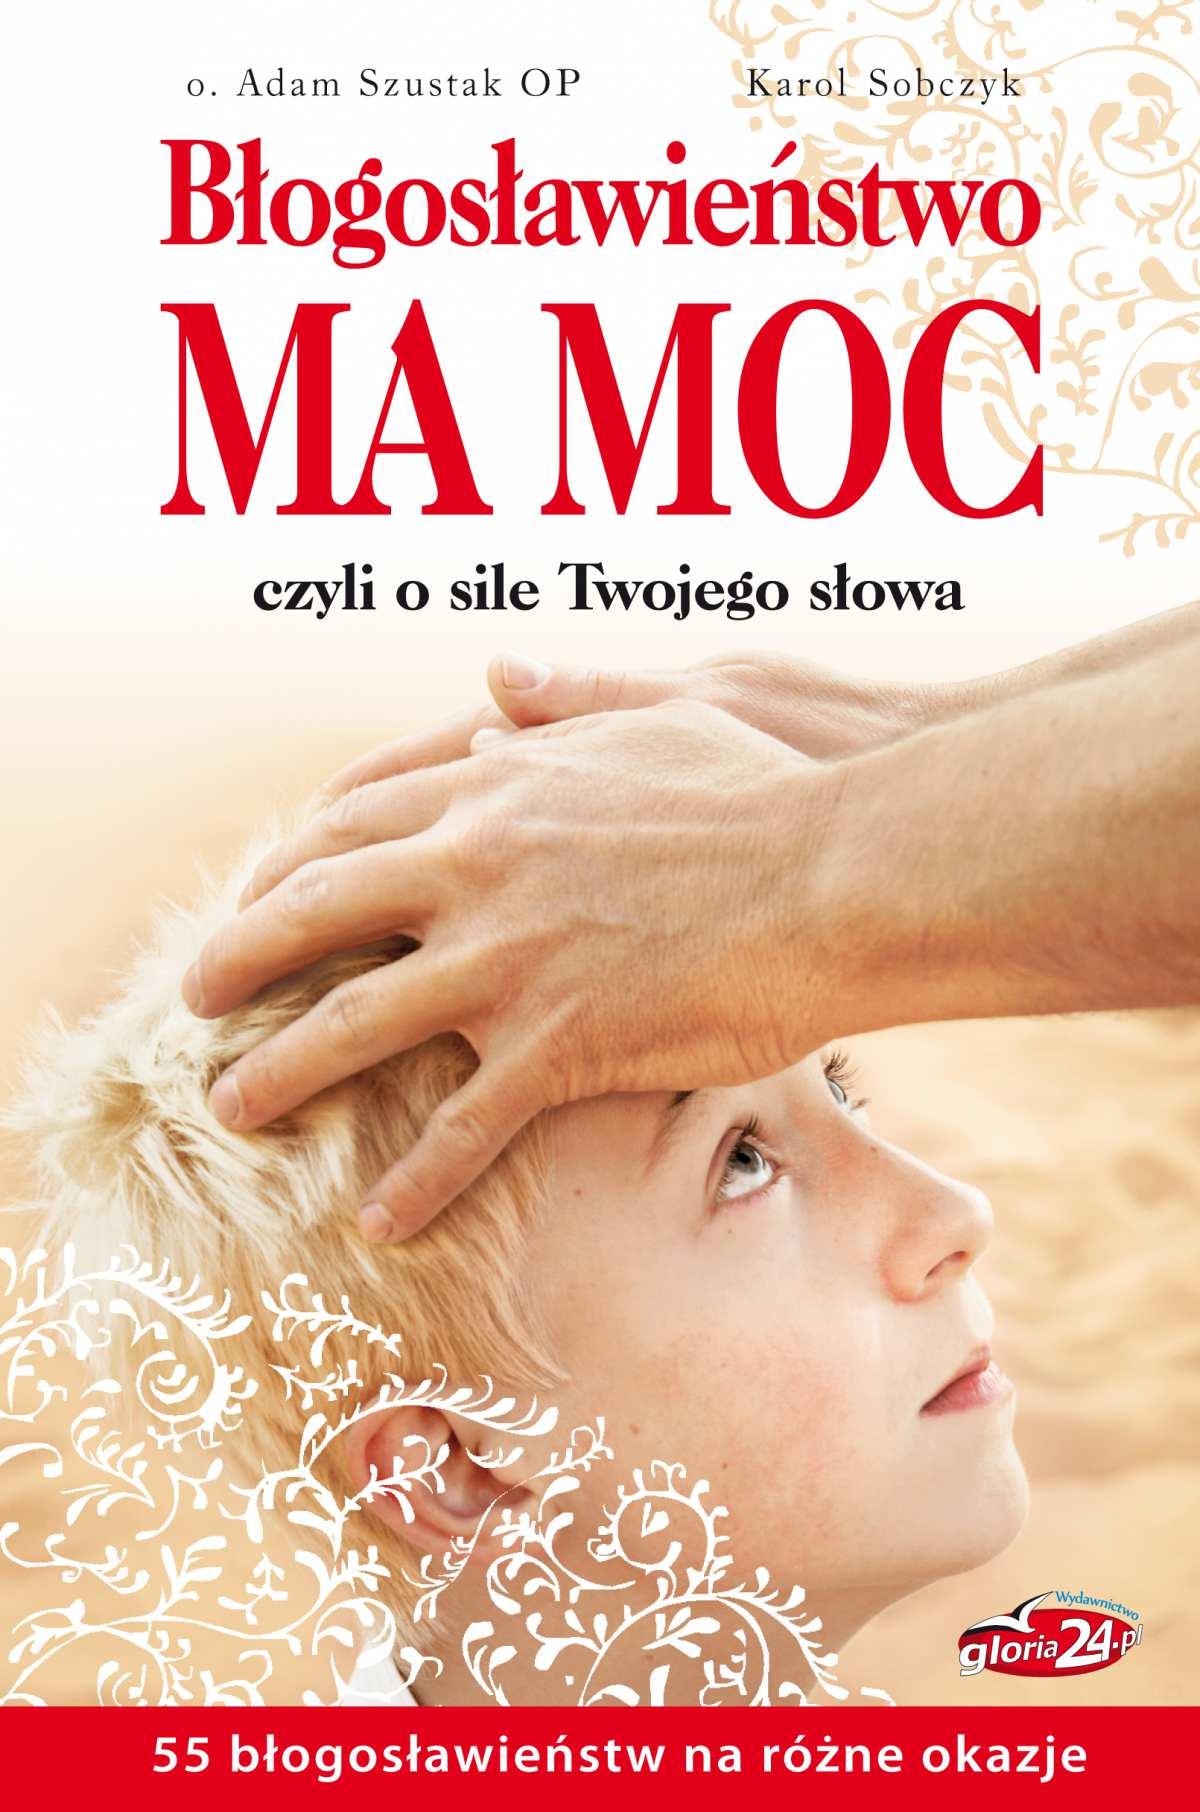 Błogosławieństwo ma moc, czyli o sile Twojego słowa - Ebook (Książka na Kindle) do pobrania w formacie MOBI